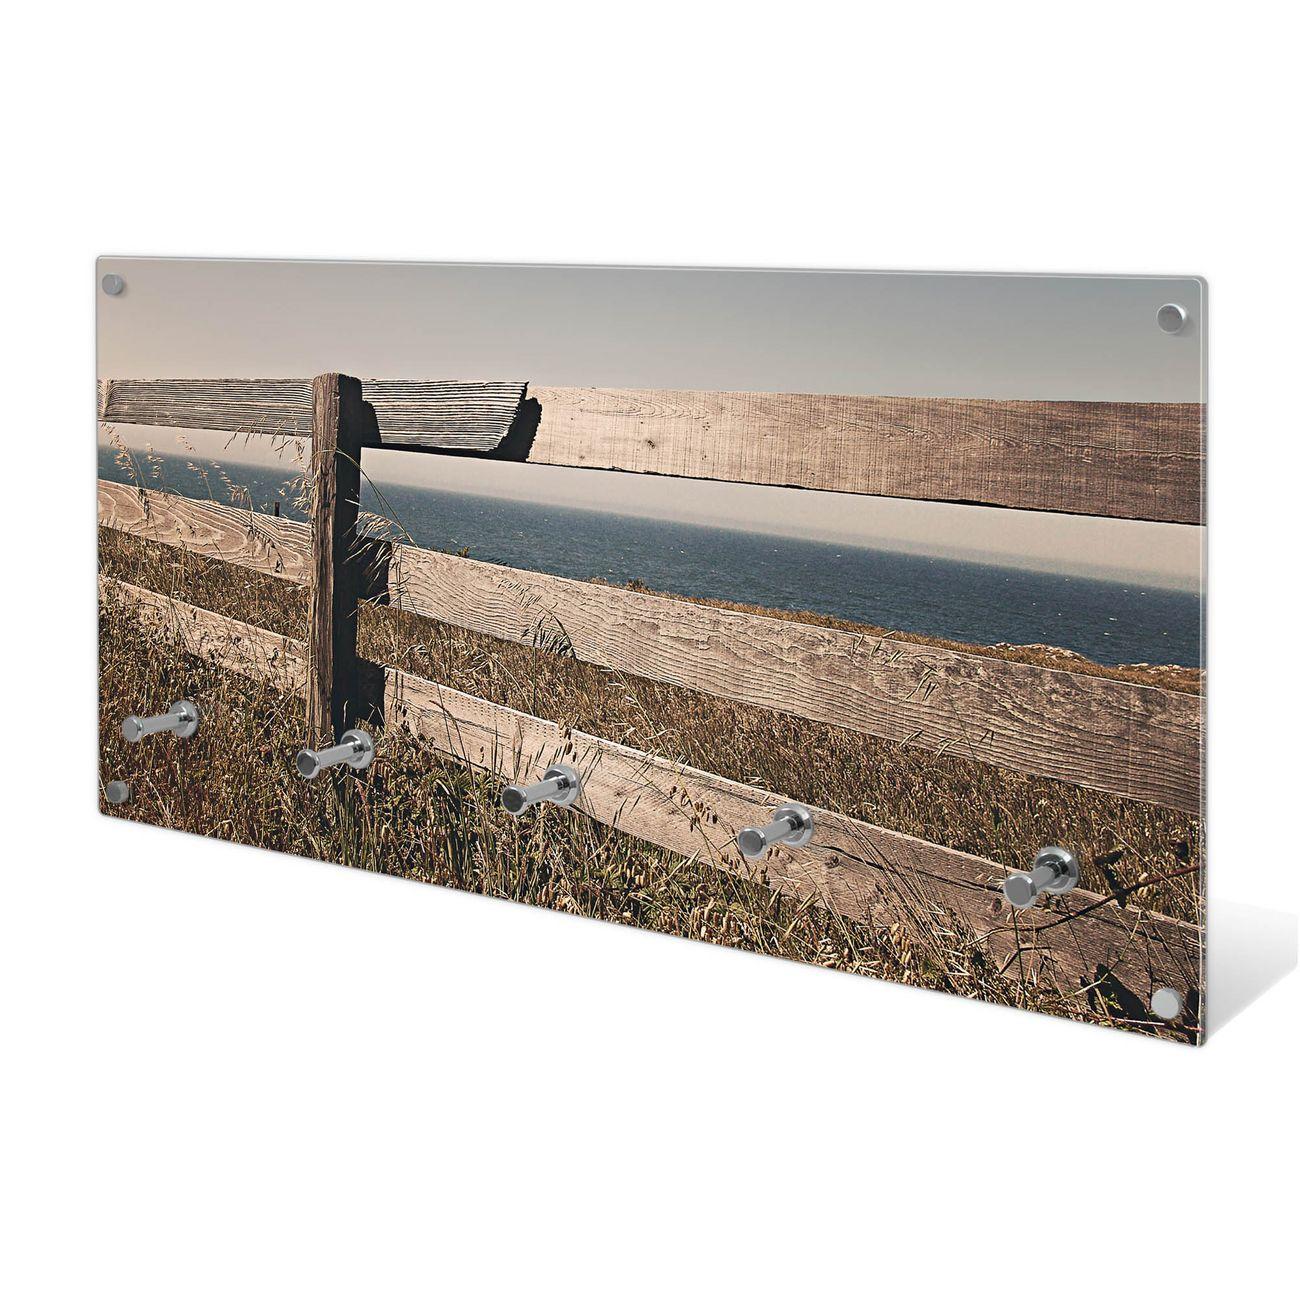 Garderobe aus Glas Motiv Zaun am Meer